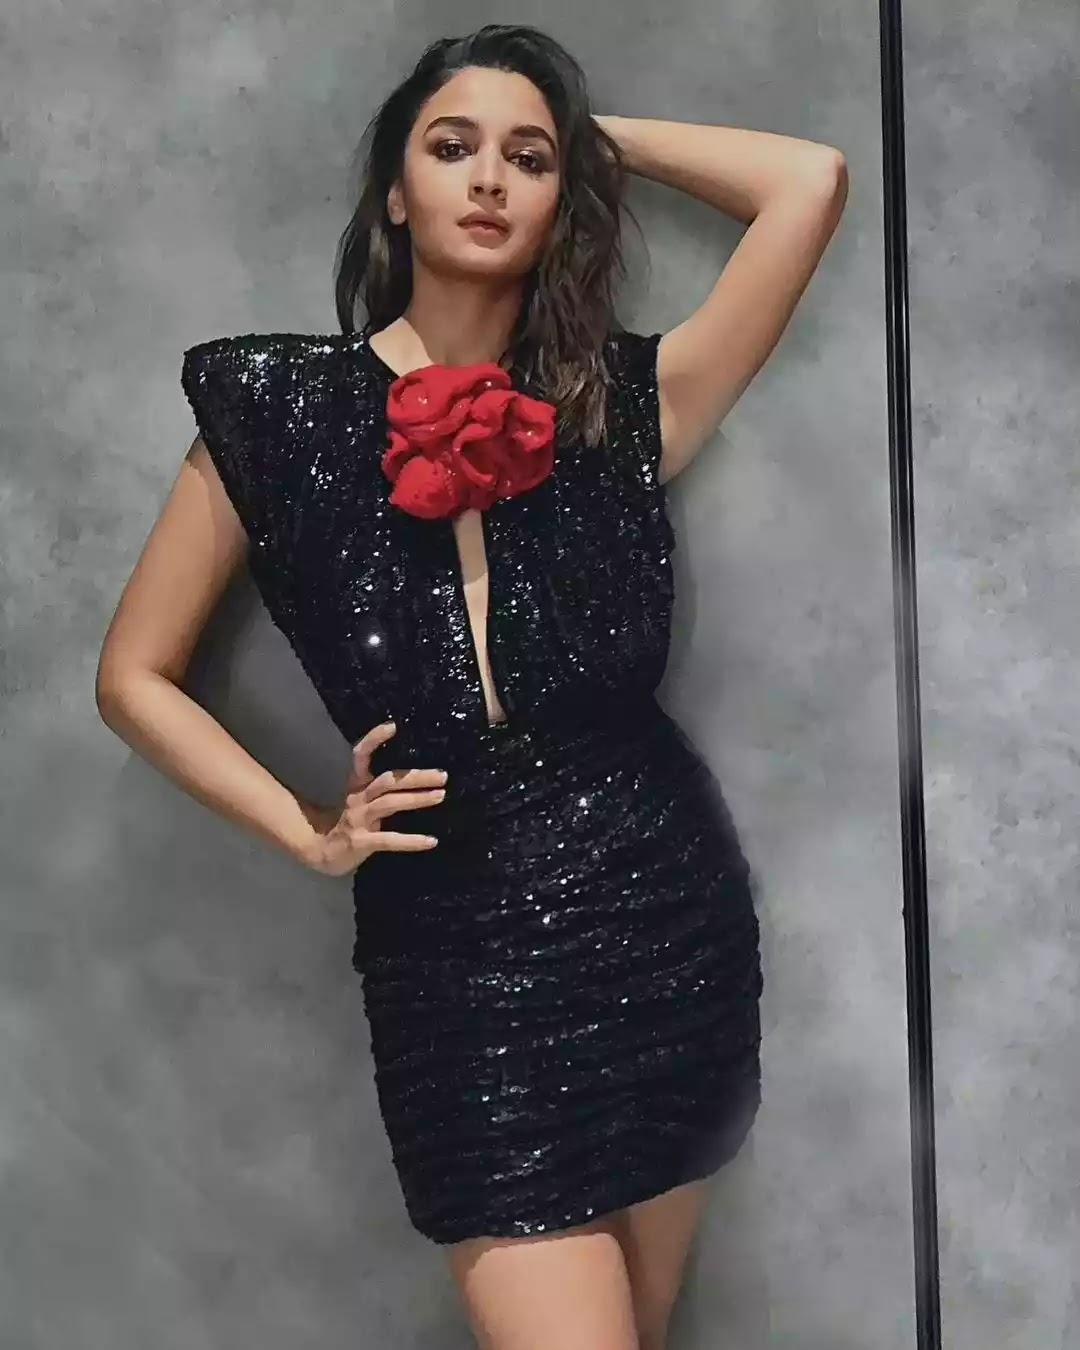 alia-bhatt-in-black-sequinned-mini-dress